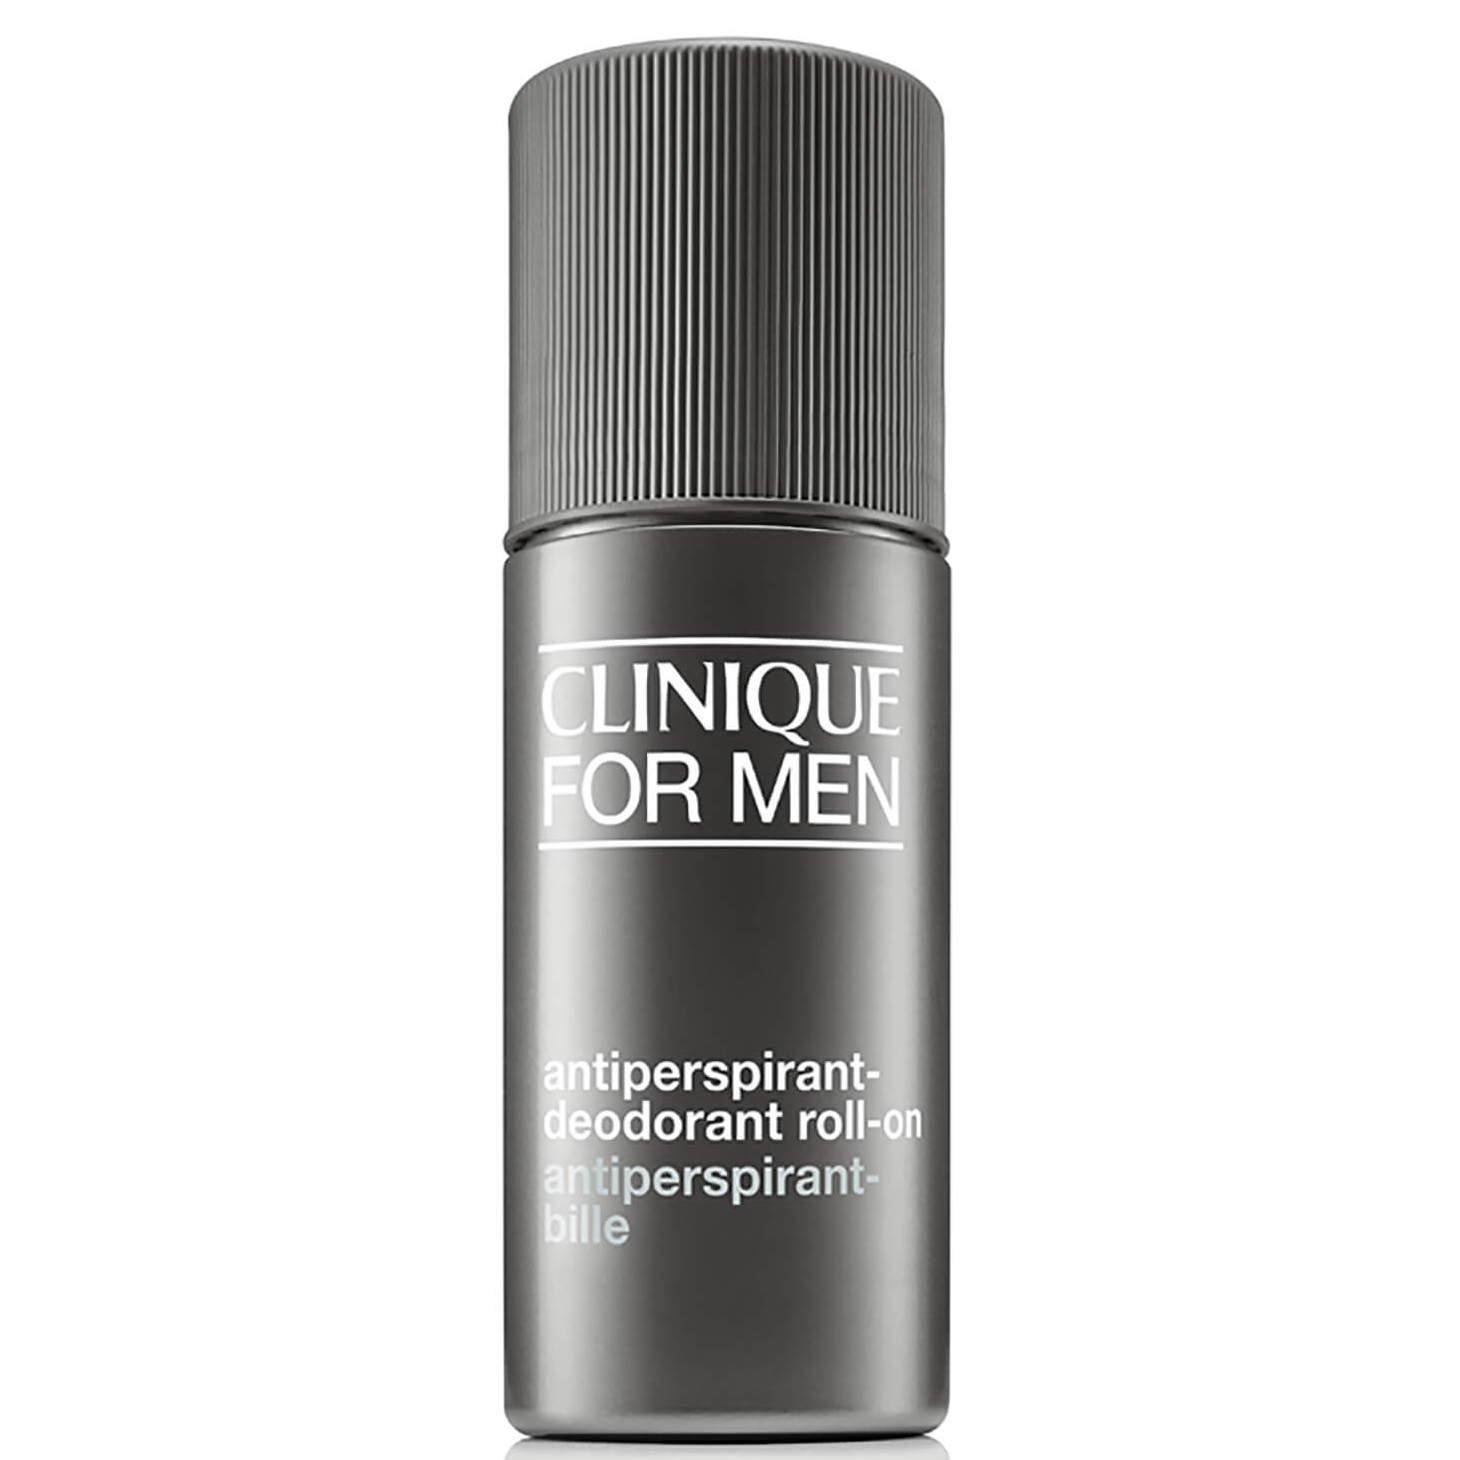 lan-khu-mui-cho-nam-clinique-for-men-antiperspirant-deodorant-roll-on-75ml